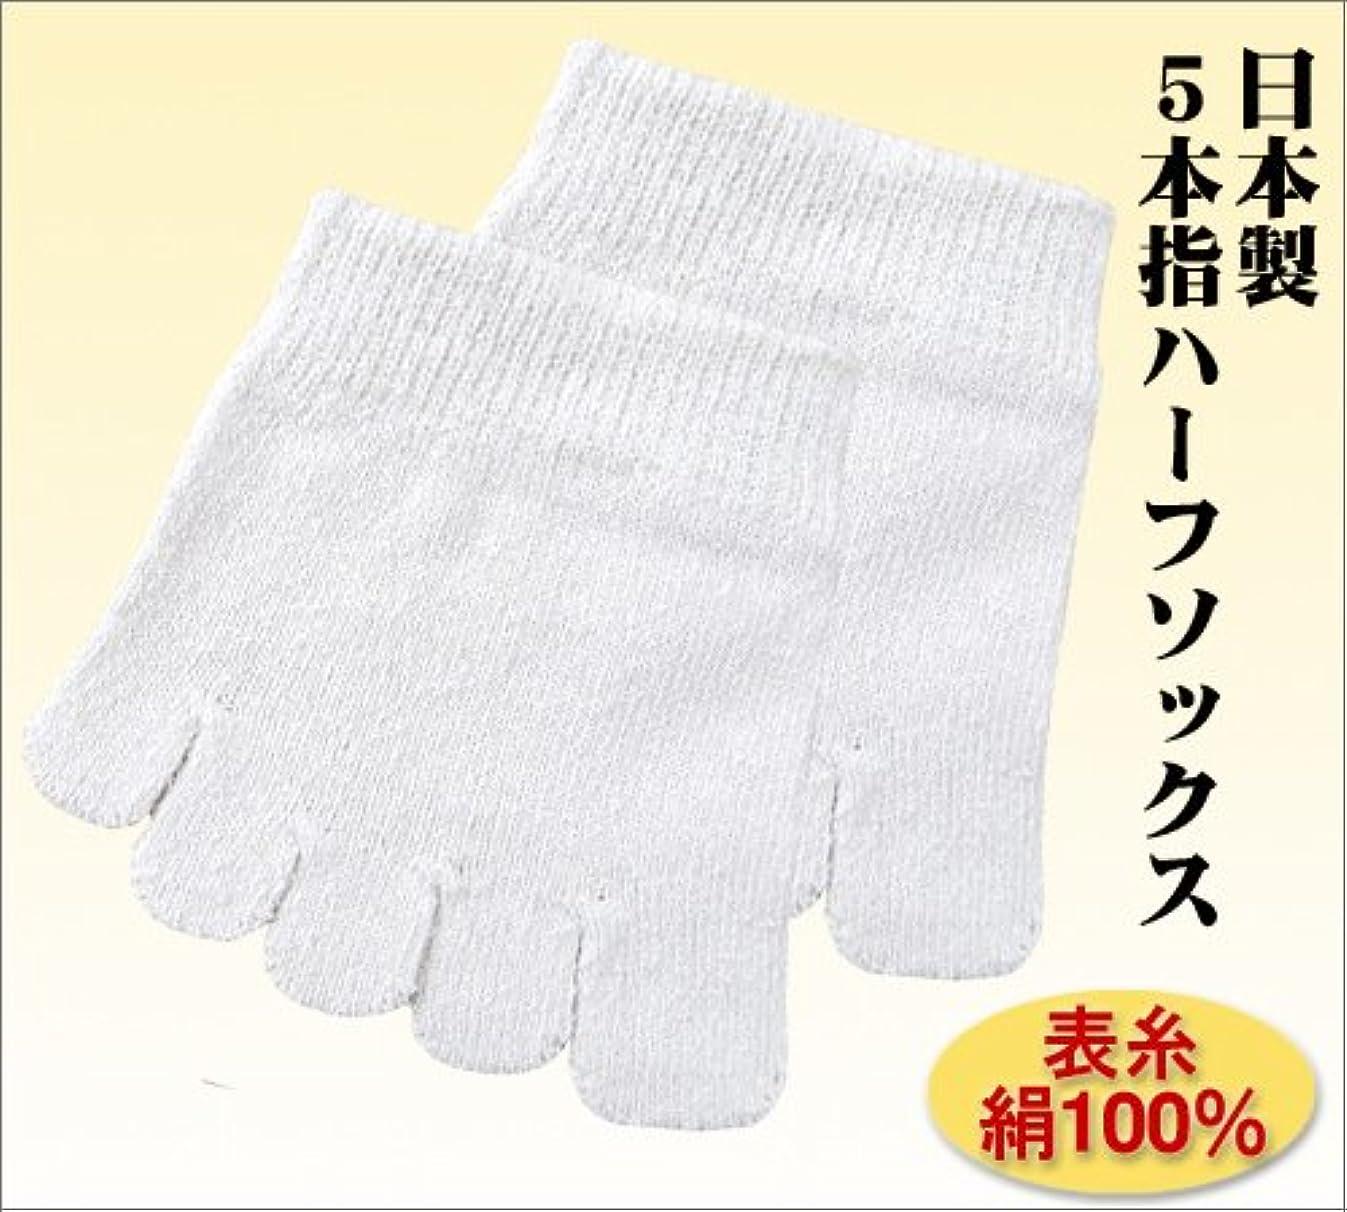 アカデミー深さボール日本製 天然シルク5本指ハーフソックス 表糸絹100% 快適な指先ソックス 2足組 (婦人(オフ白2足組))